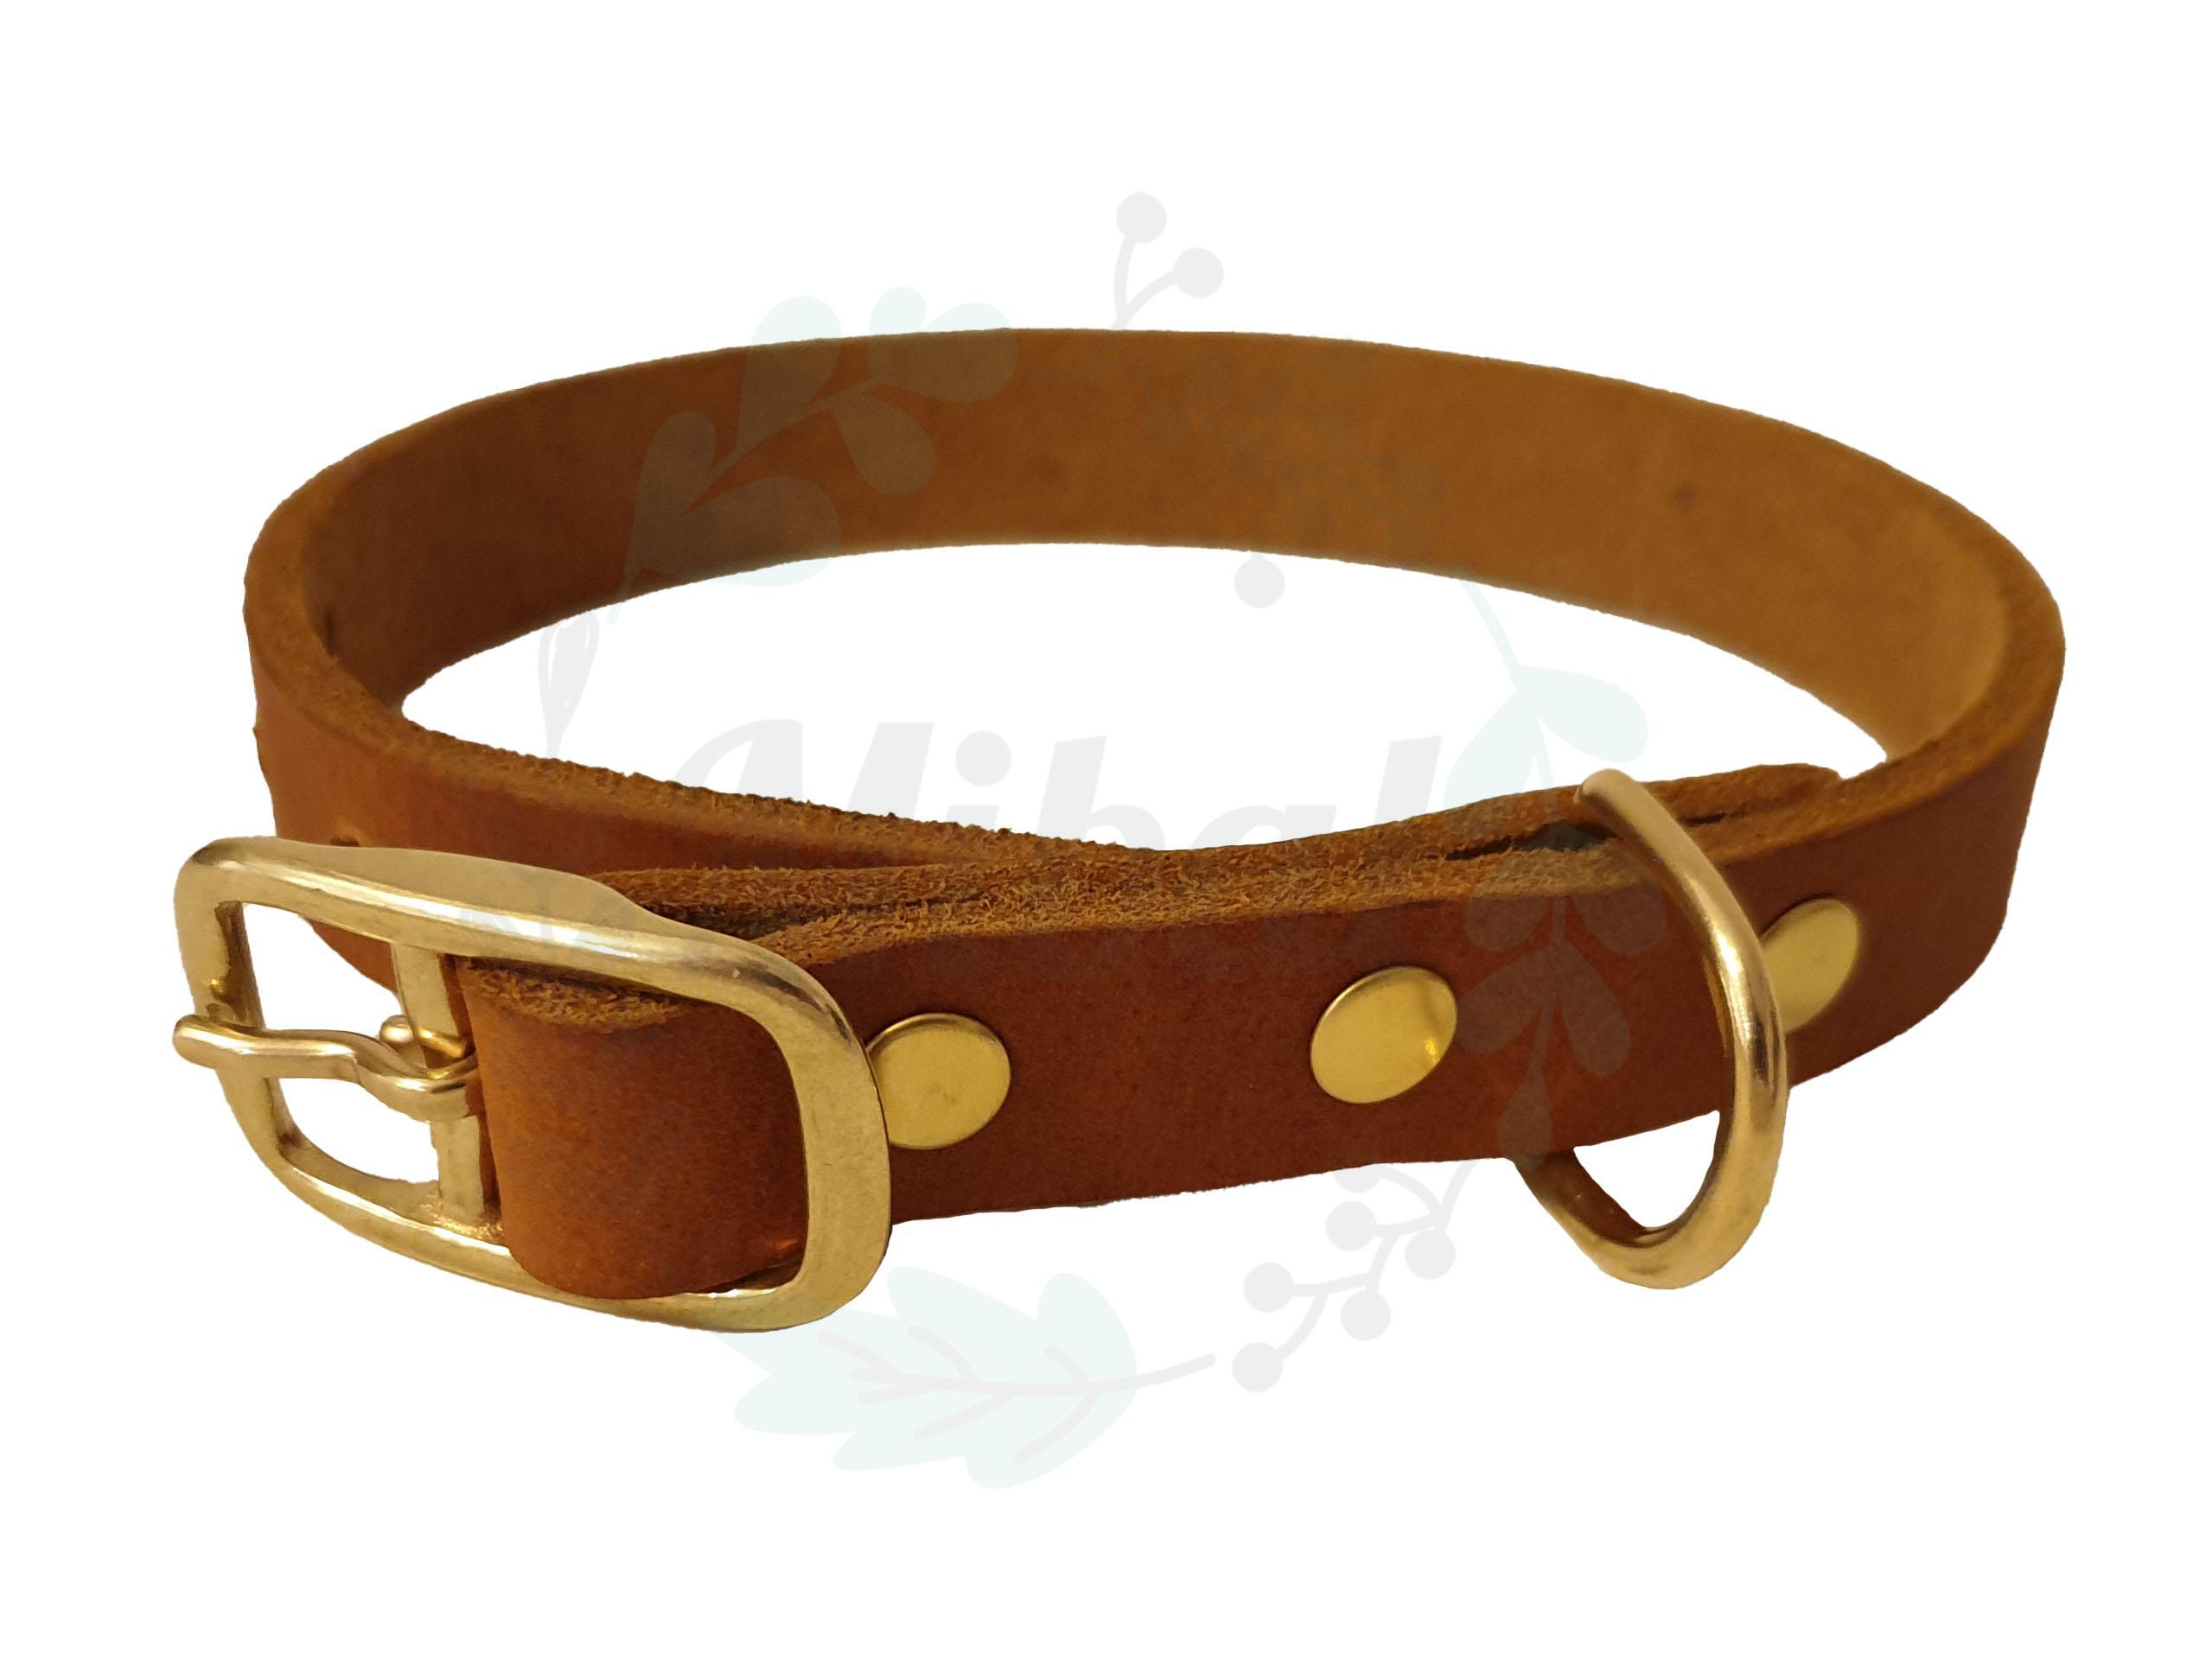 Fettleder Halsband mit Metallschnalle